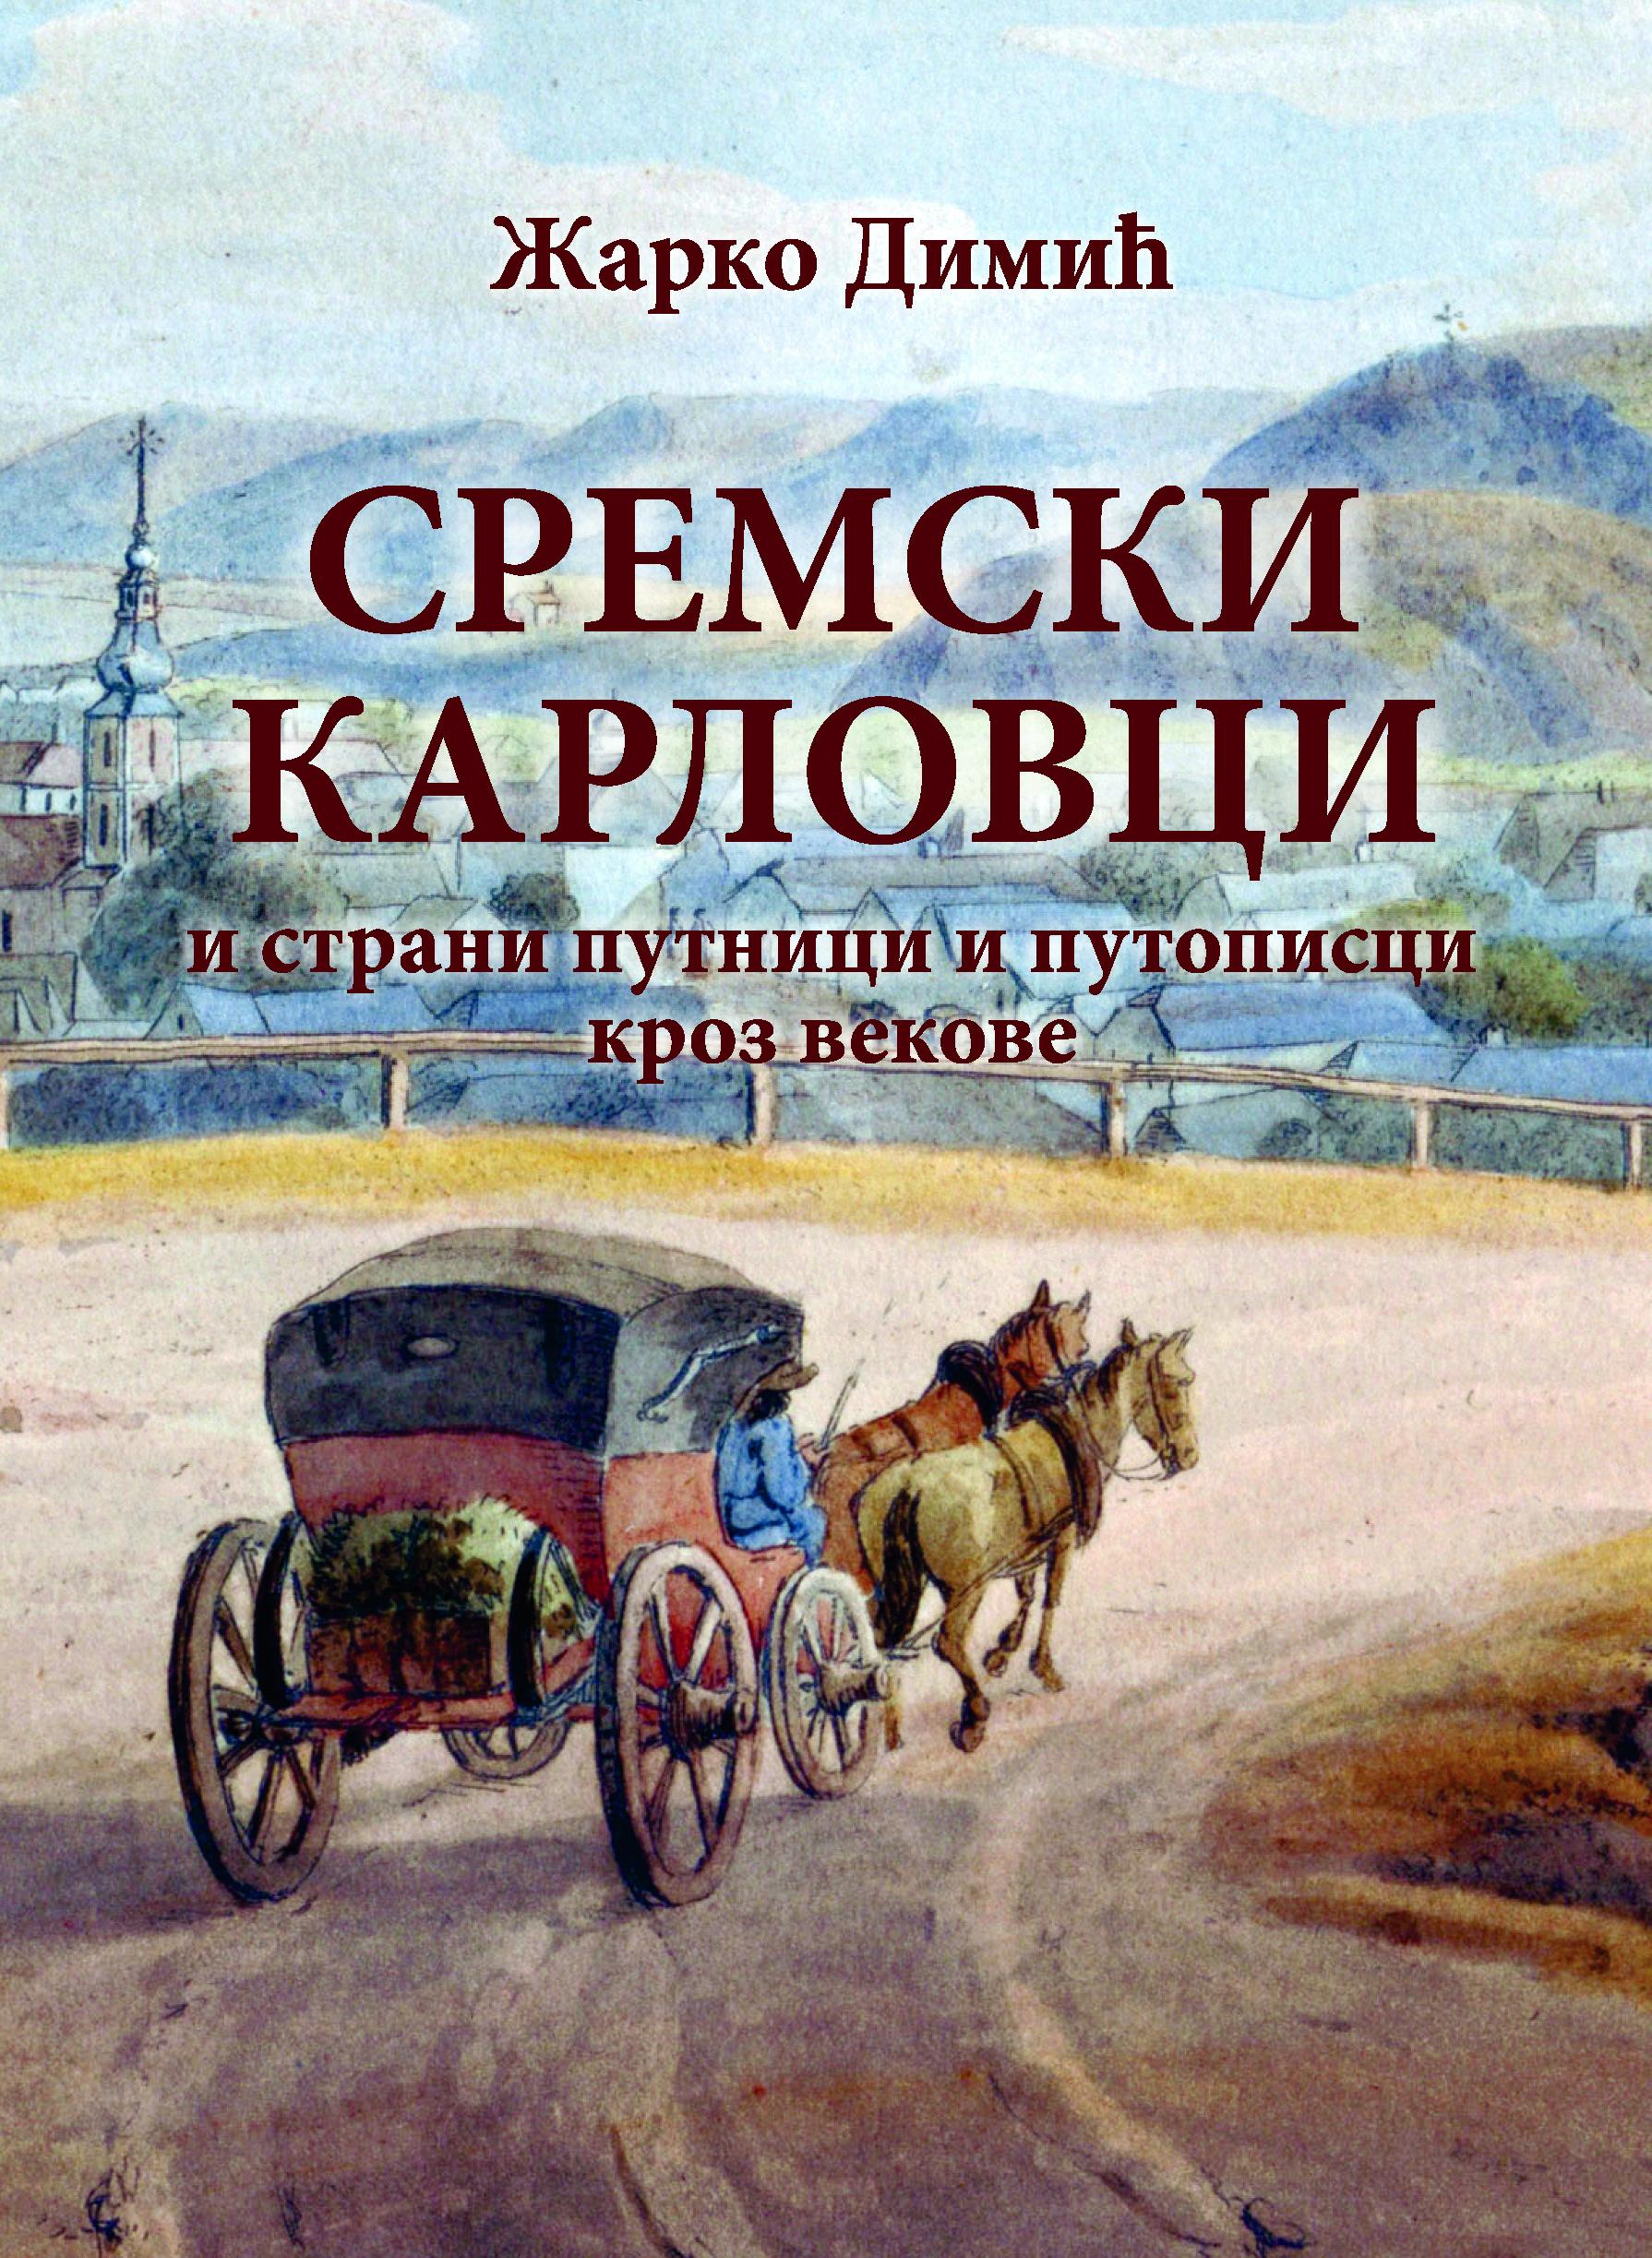 Сремски Карловци: страни путници и путописци кроз векове